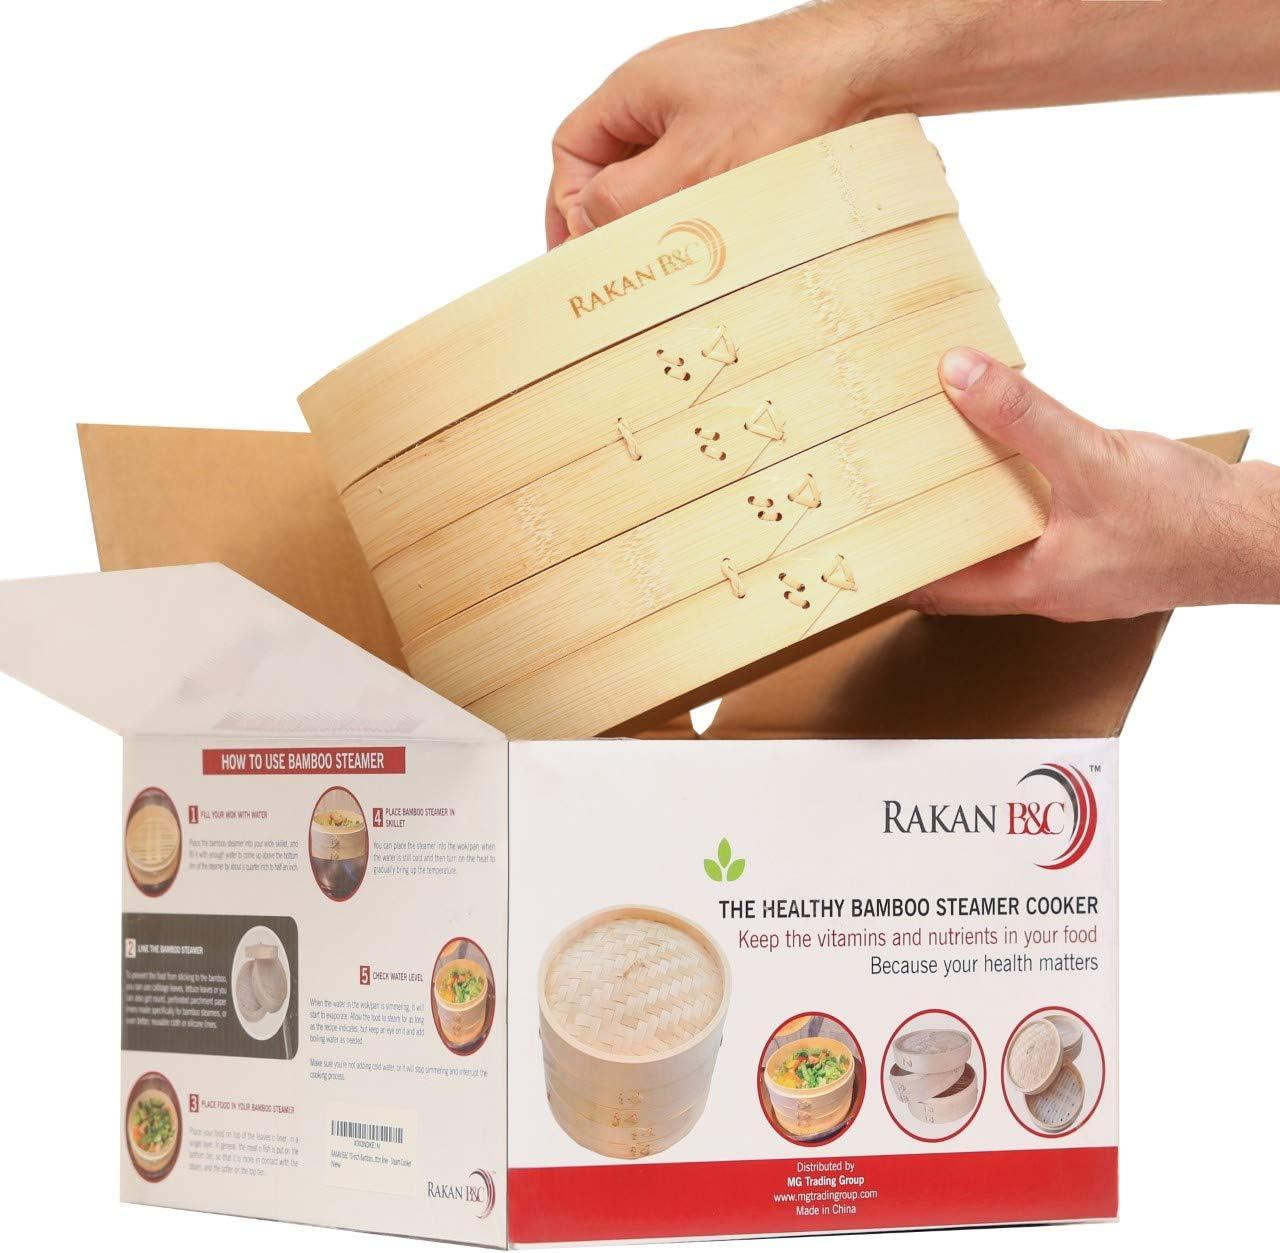 Rakan B&C Bamboo Steamer Basket 10 inch - Healthy Food Cooking Dumplings Vegetables Fish Steam Rice